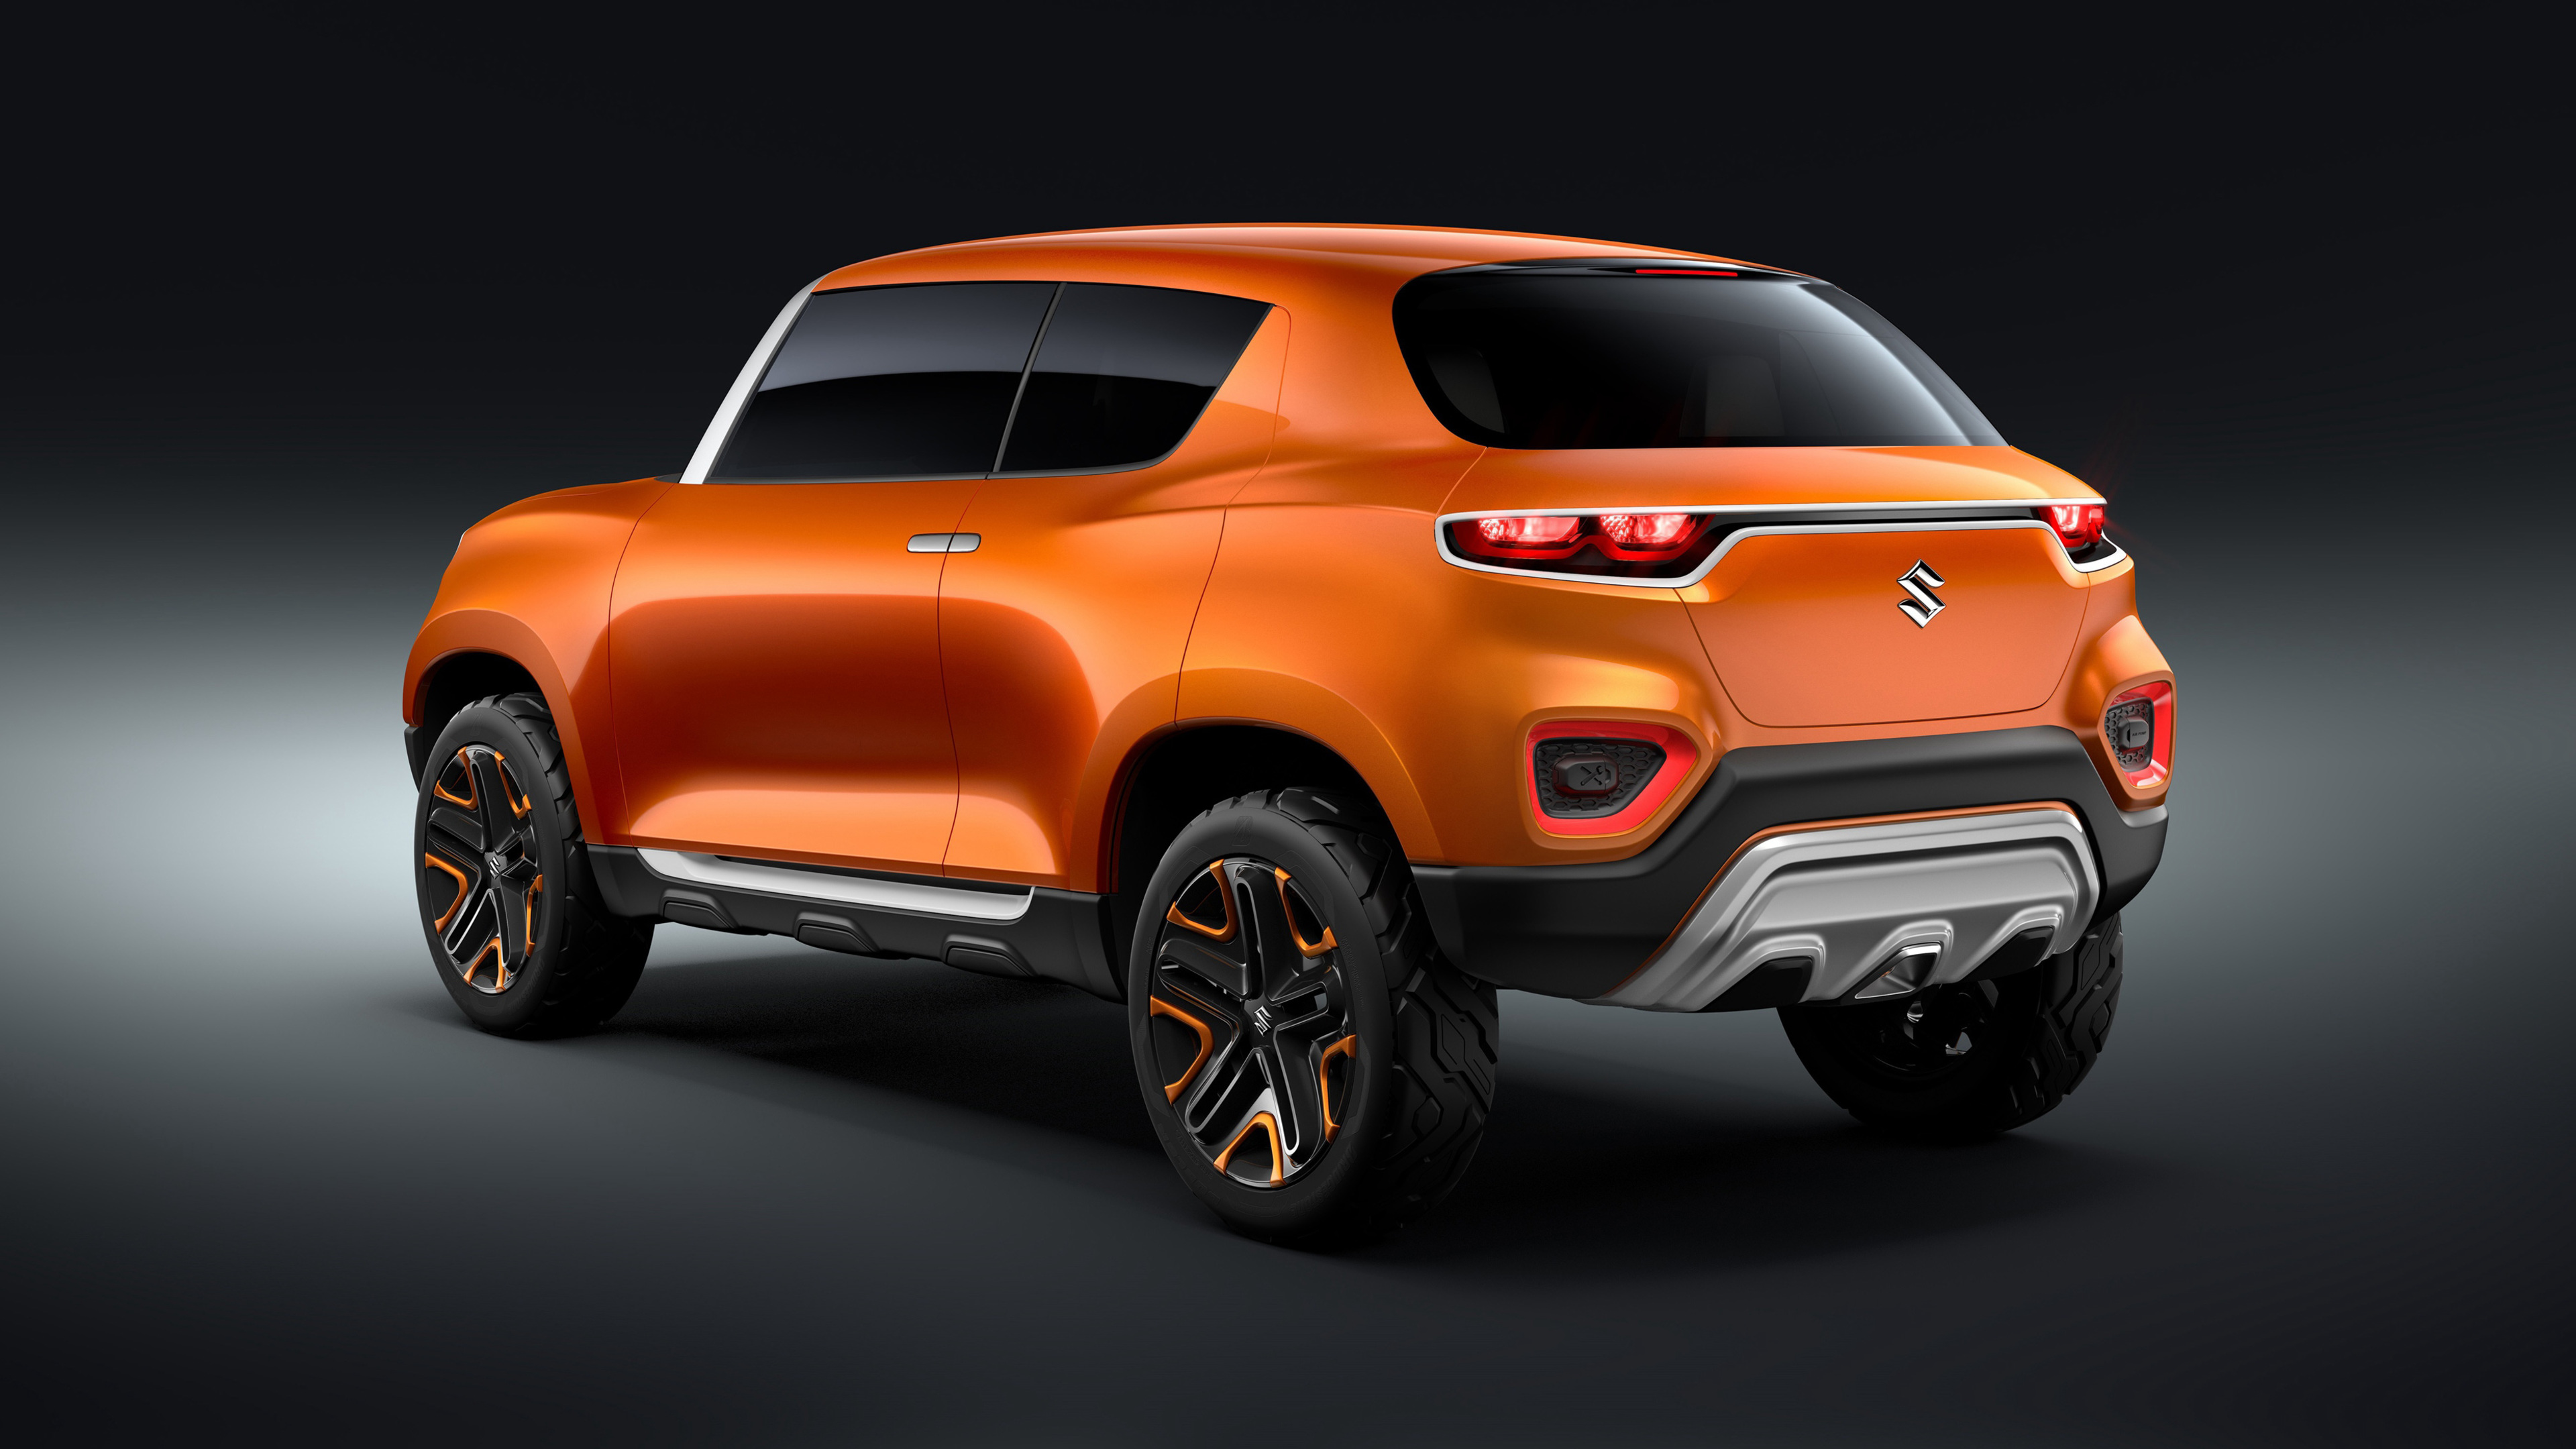 suzuki concept future s 2018 rear 1539109265 - Suzuki Concept Future S 2018 Rear - suzuki wallpapers, hd-wallpapers, concept cars wallpapers, cars wallpapers, 4k-wallpapers, 2018 cars wallpapers